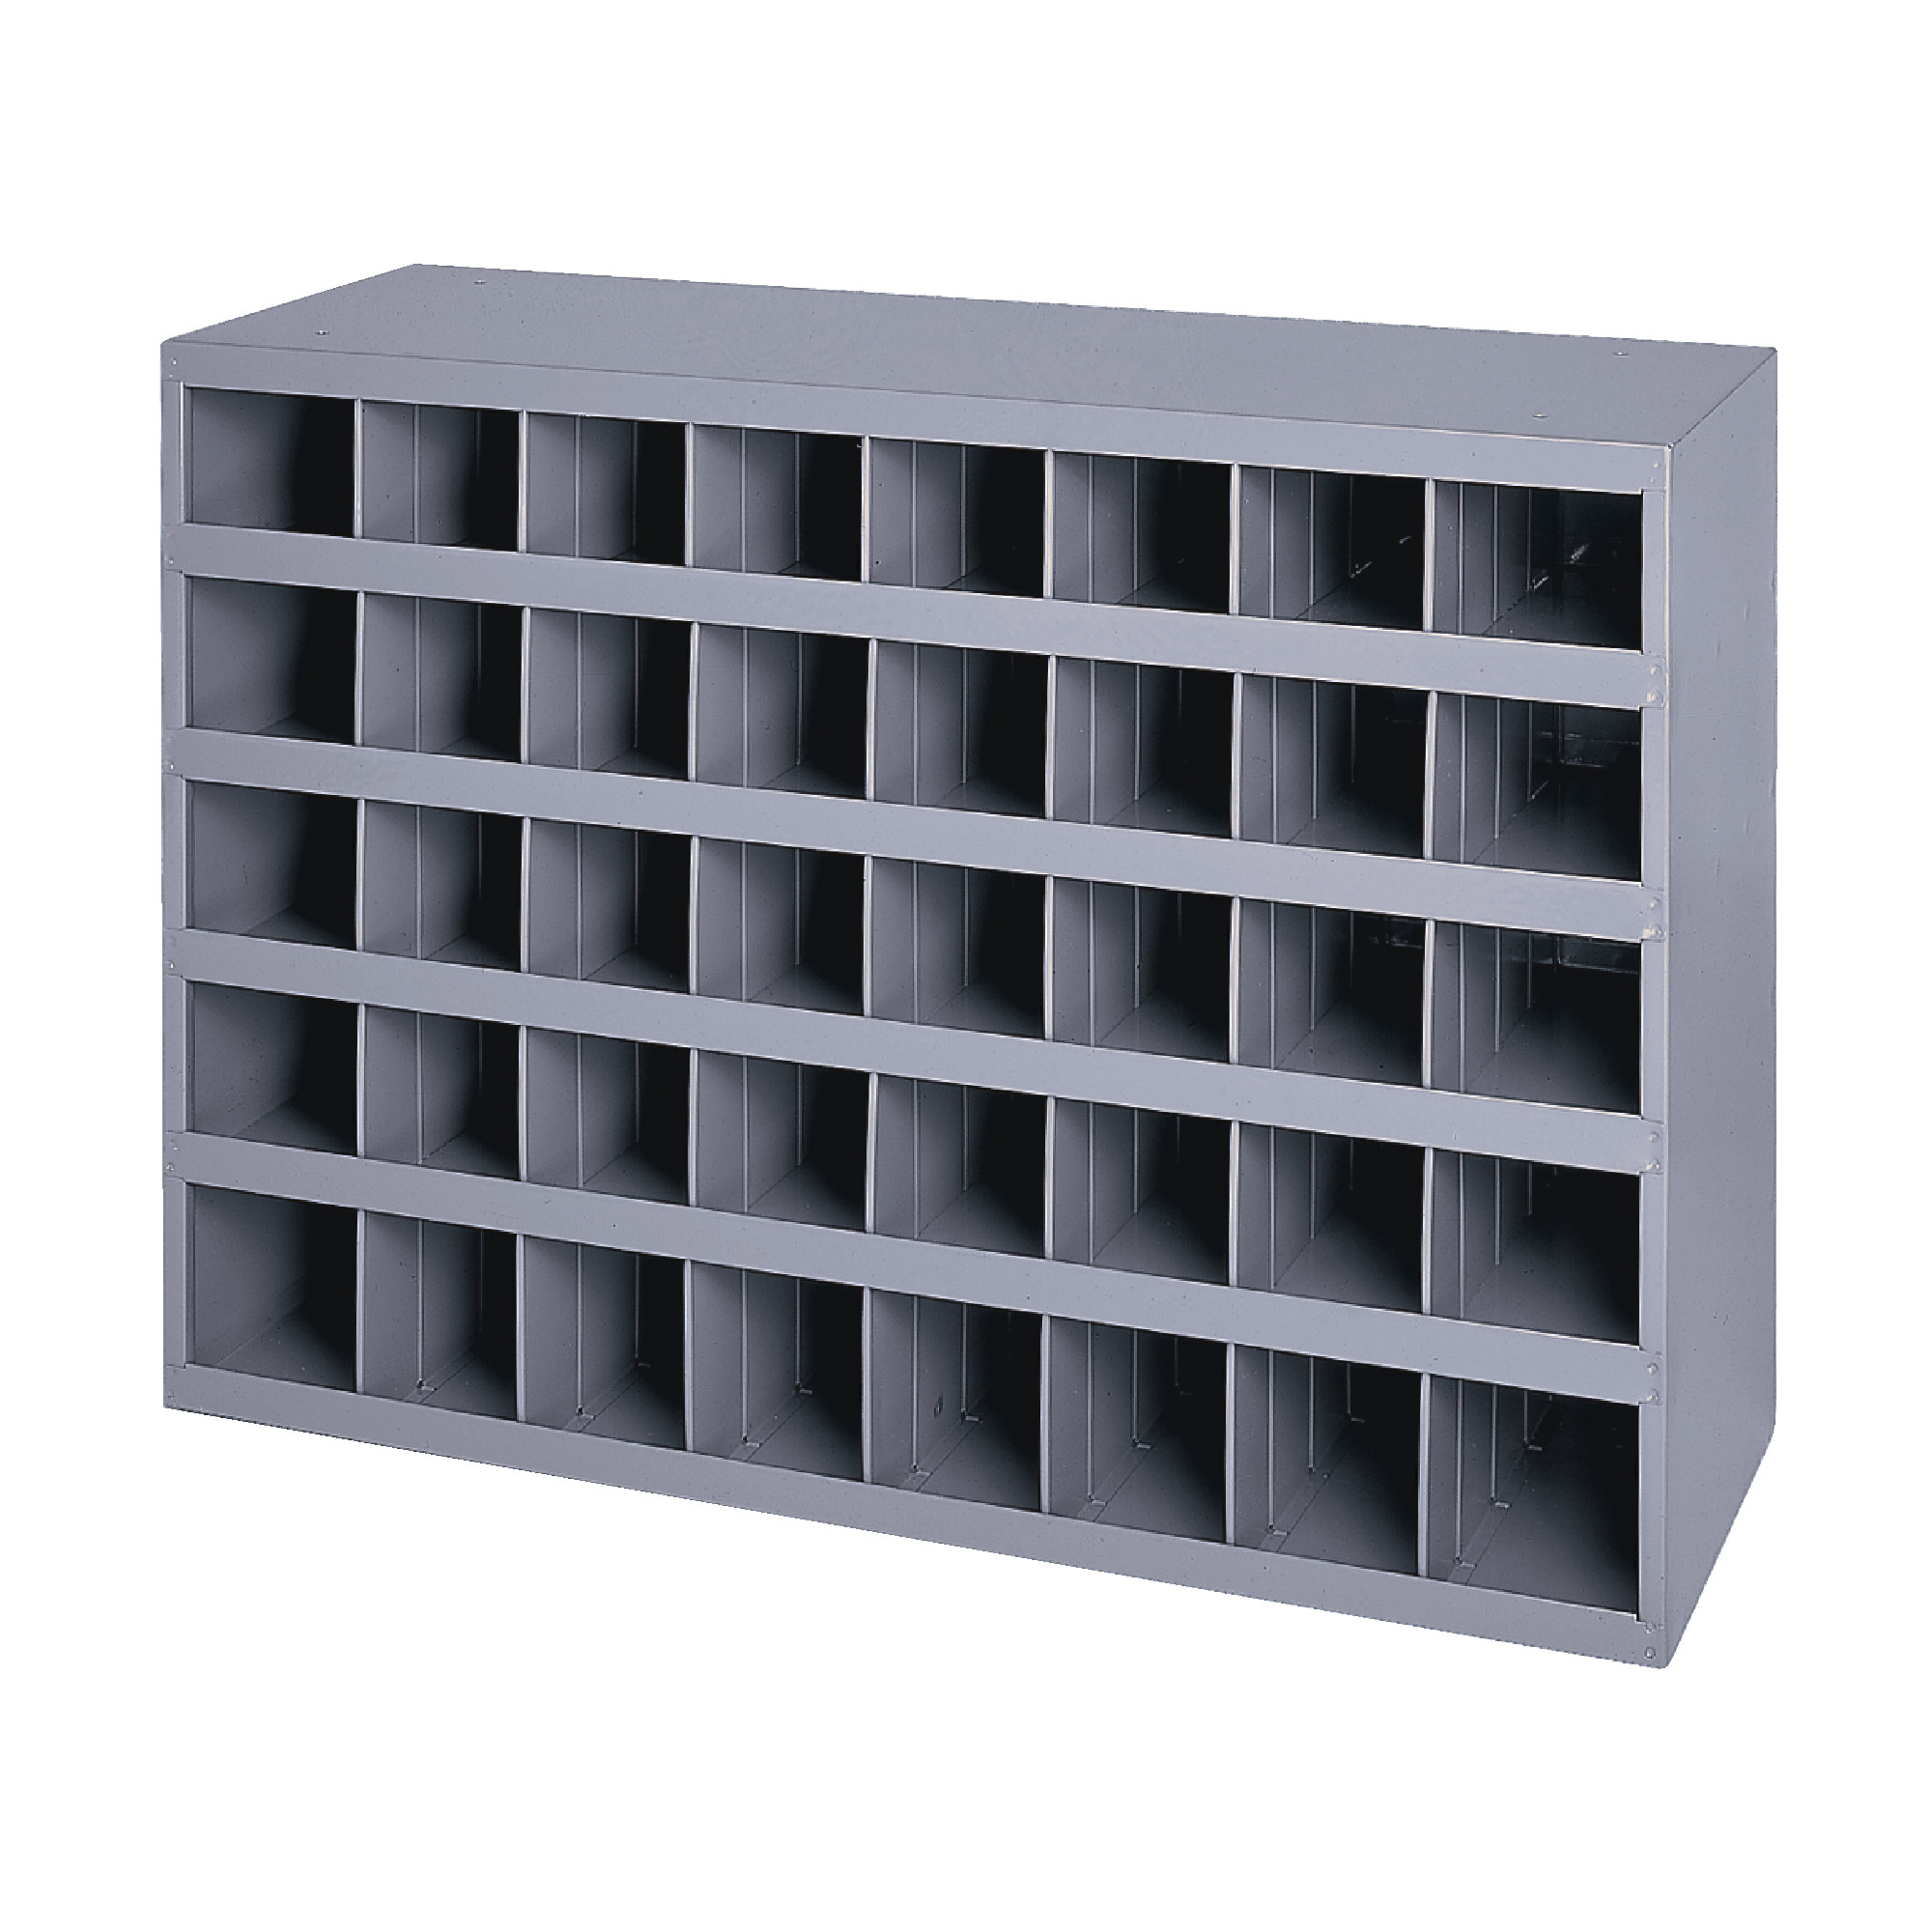 Sturdy All Steel Part Bins